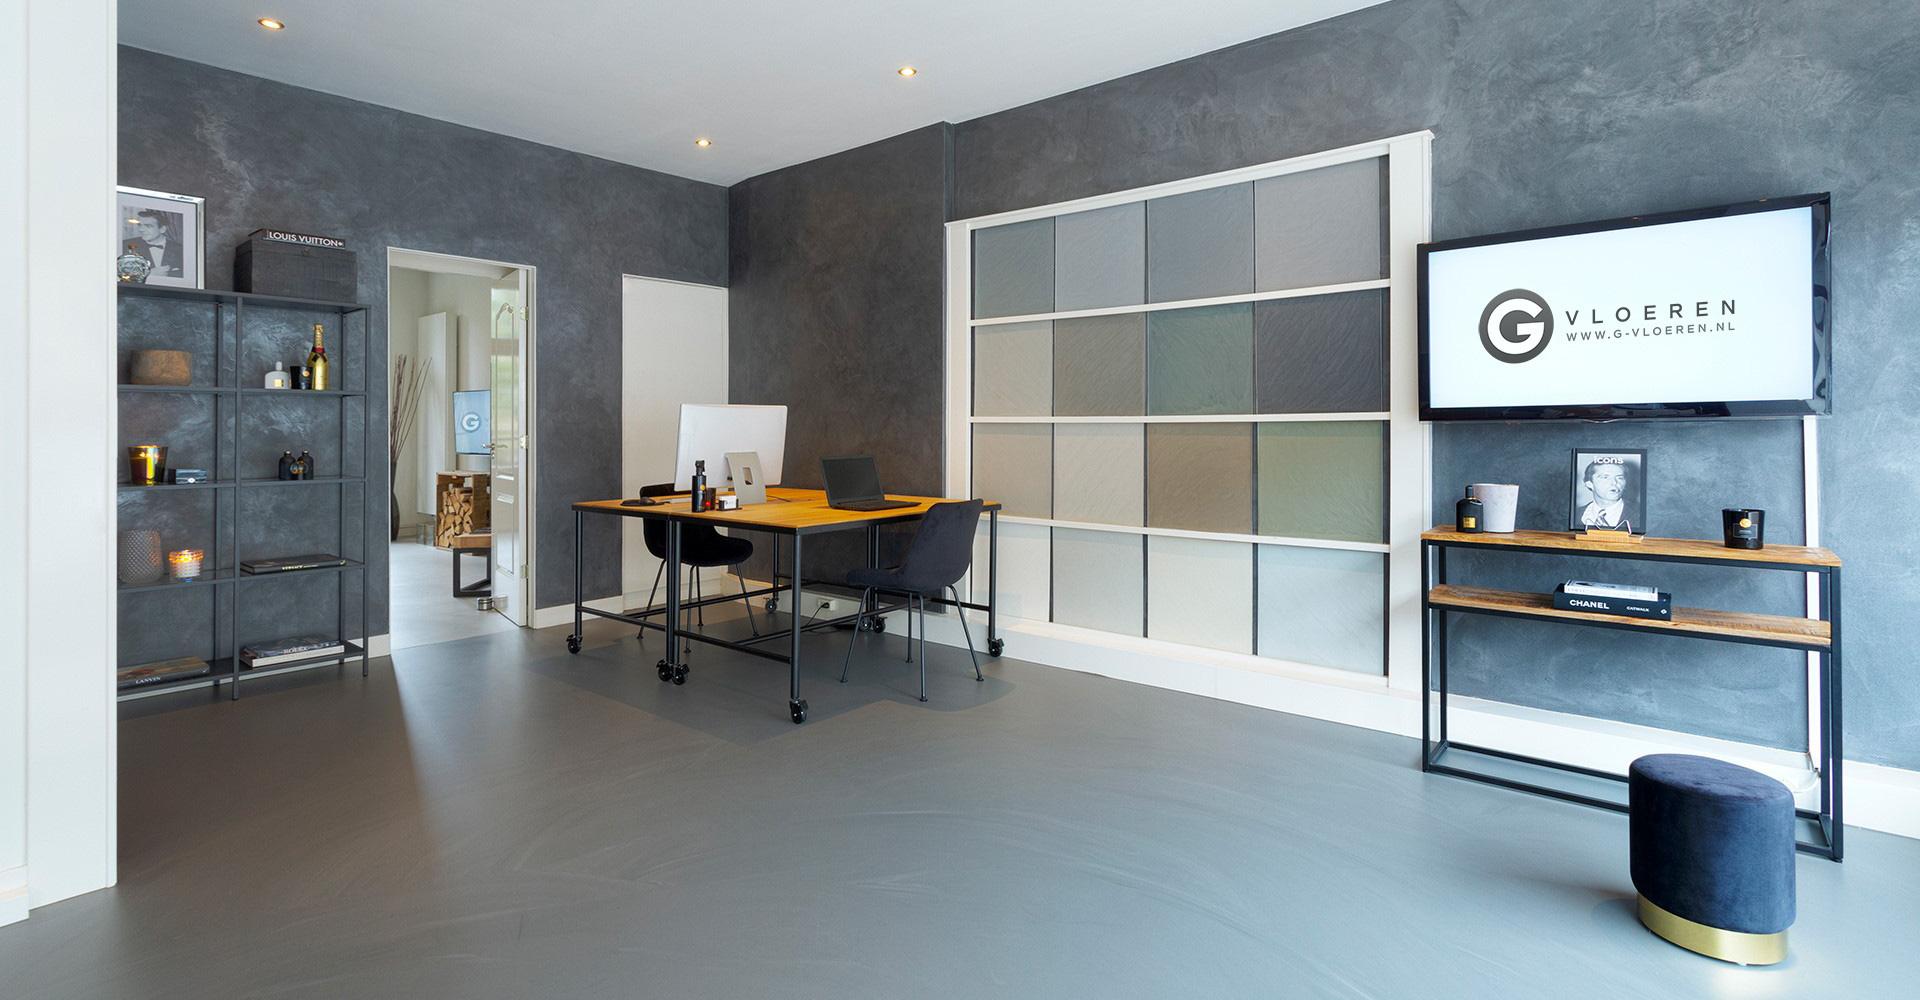 Gietvloer showroom G-vloeren kleuren